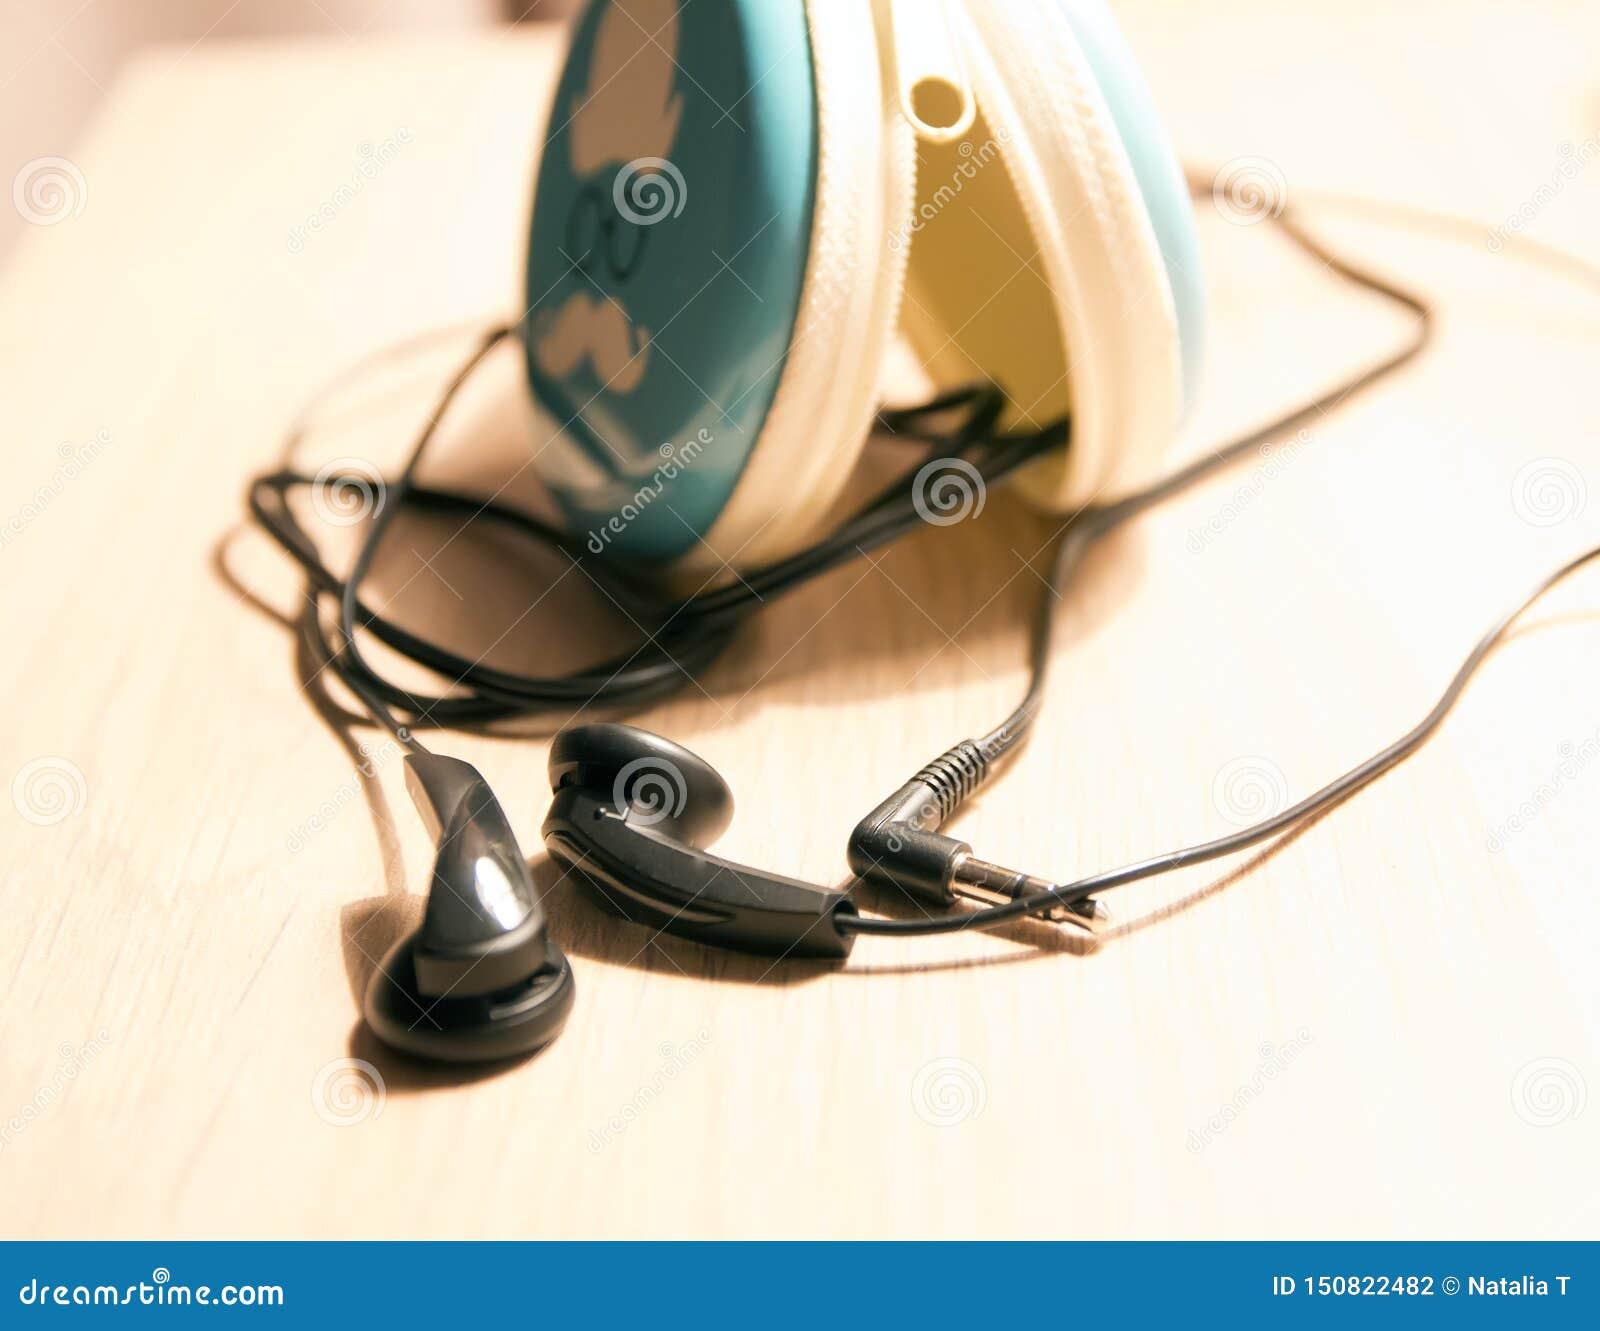 Fones de ouvido com fios na tabela, com, uma caixa para fones de ouvido